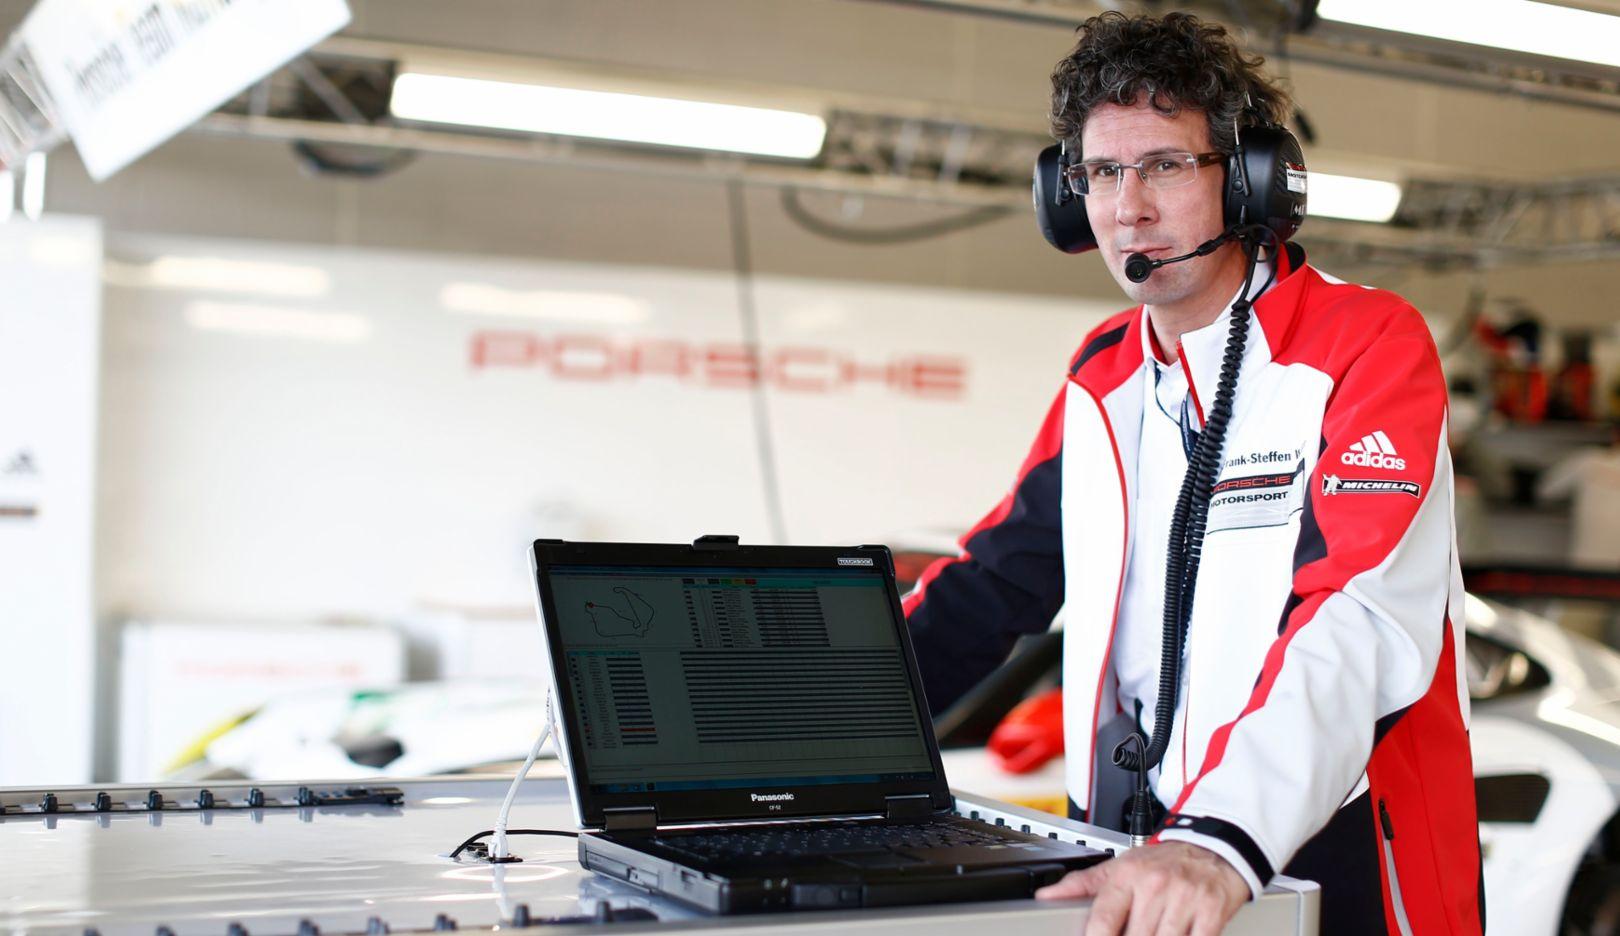 Dr. Frank Steffen Walliser, Porsche-Motorsportchef, 2015, Porsche AG